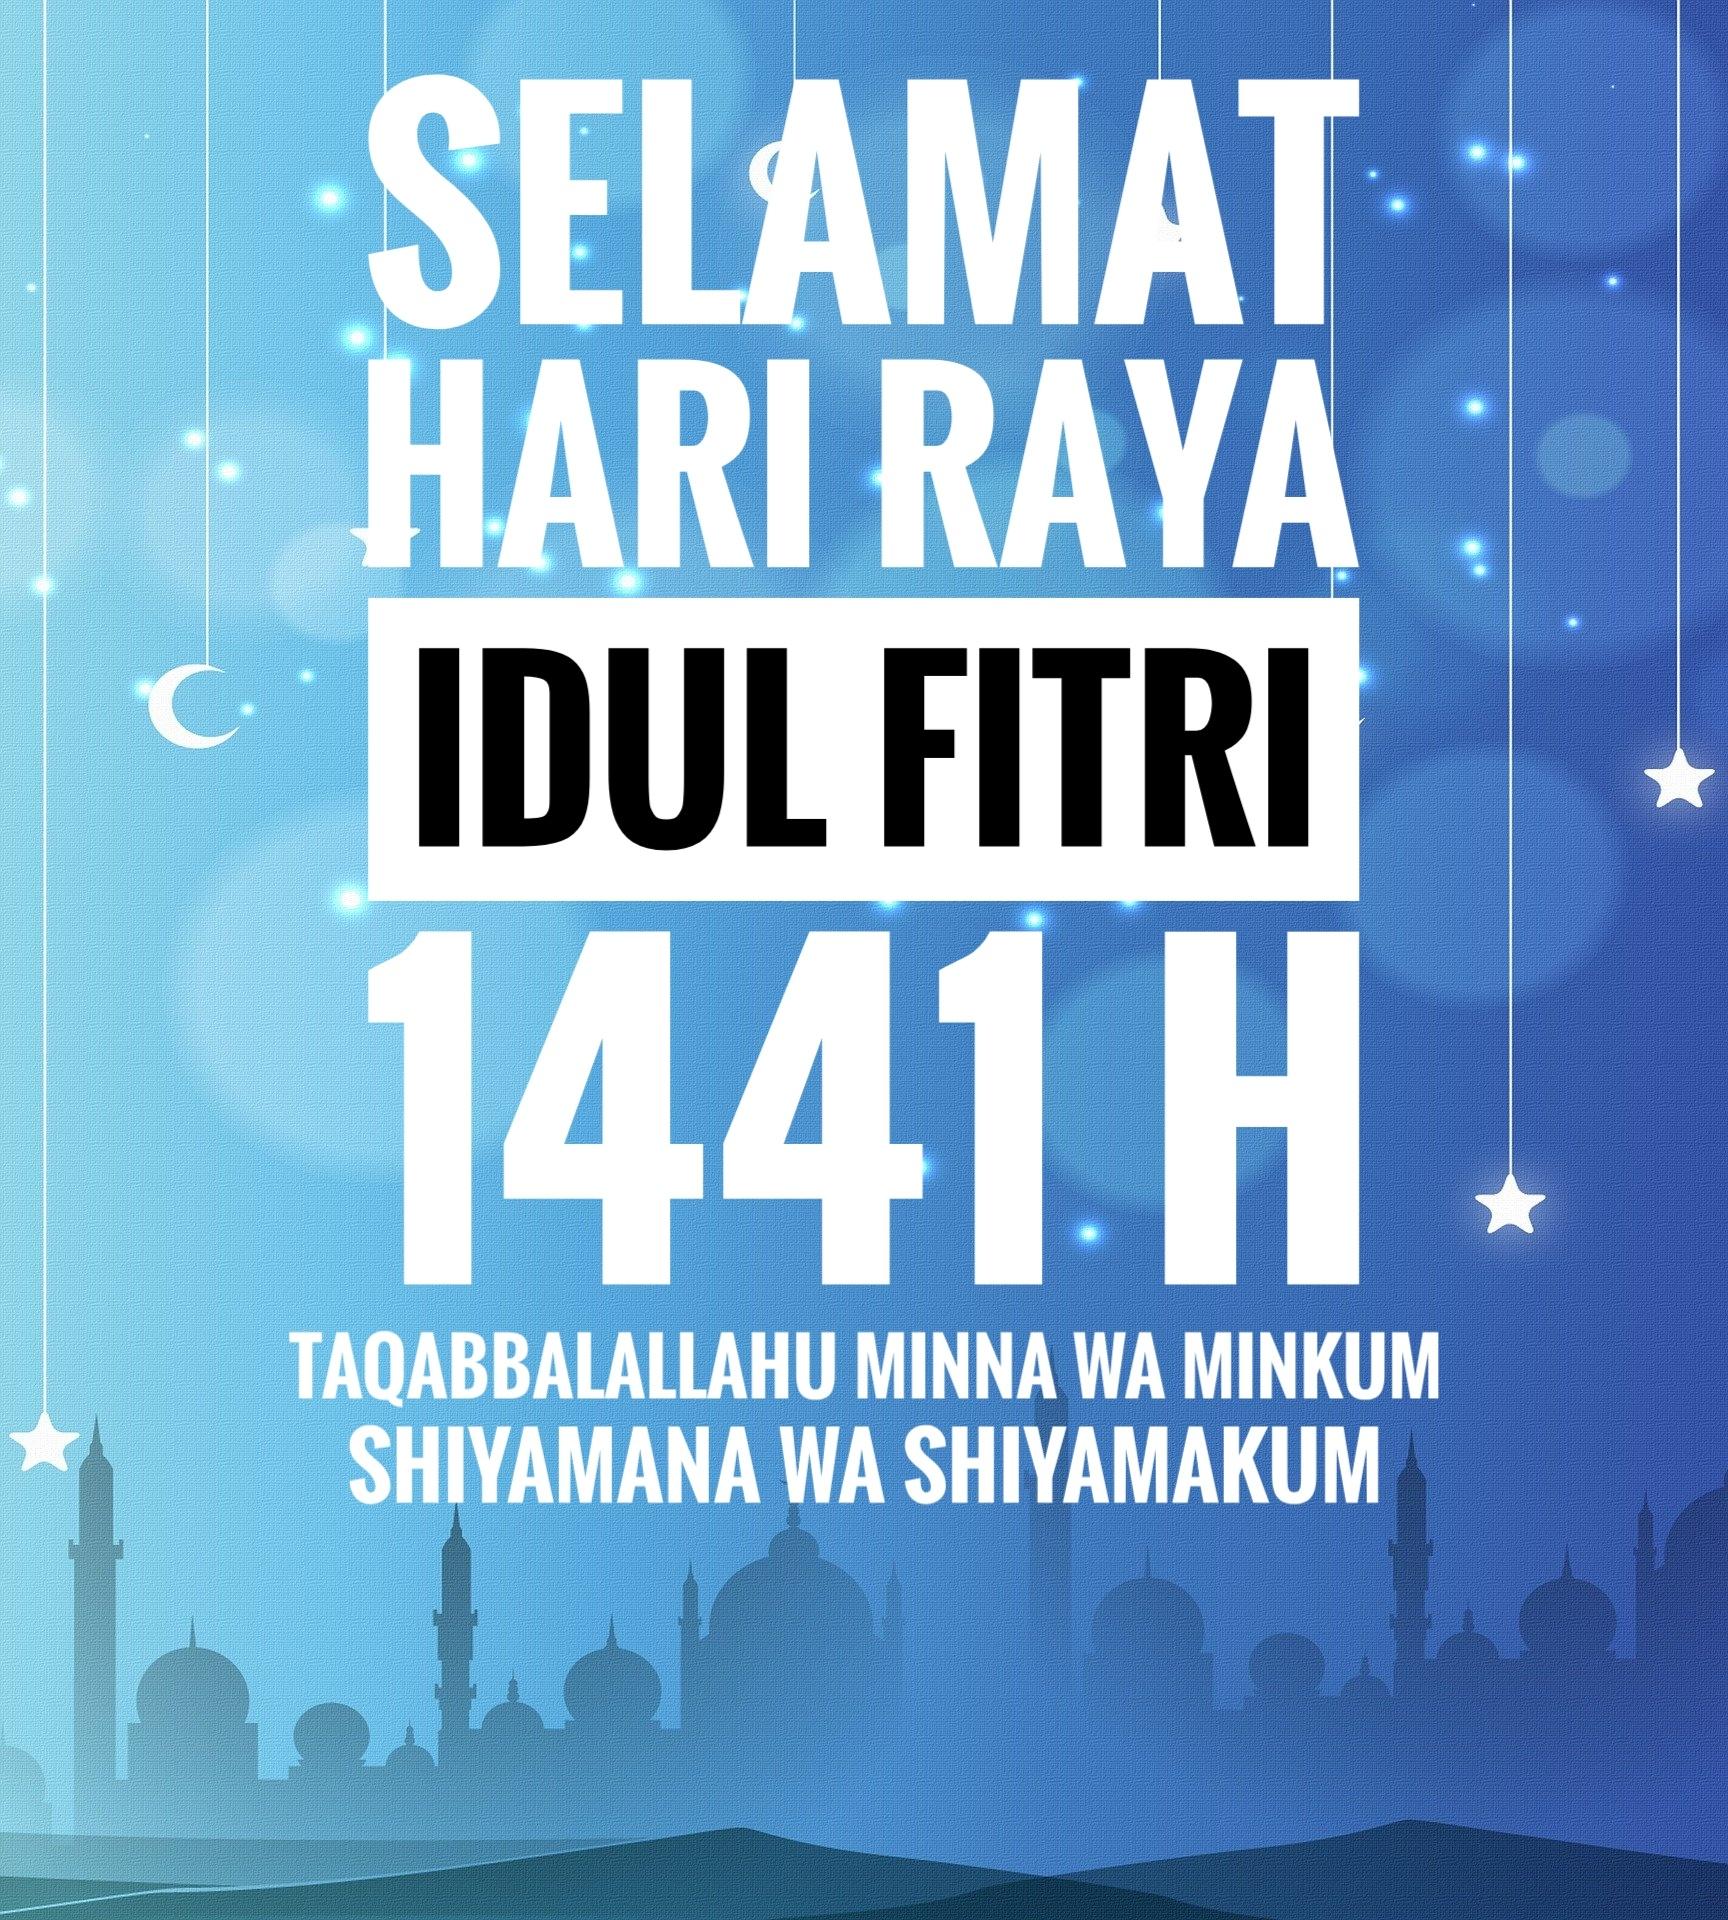 Download Wallpaper Ucapan Selamat Idul Fitri 2020